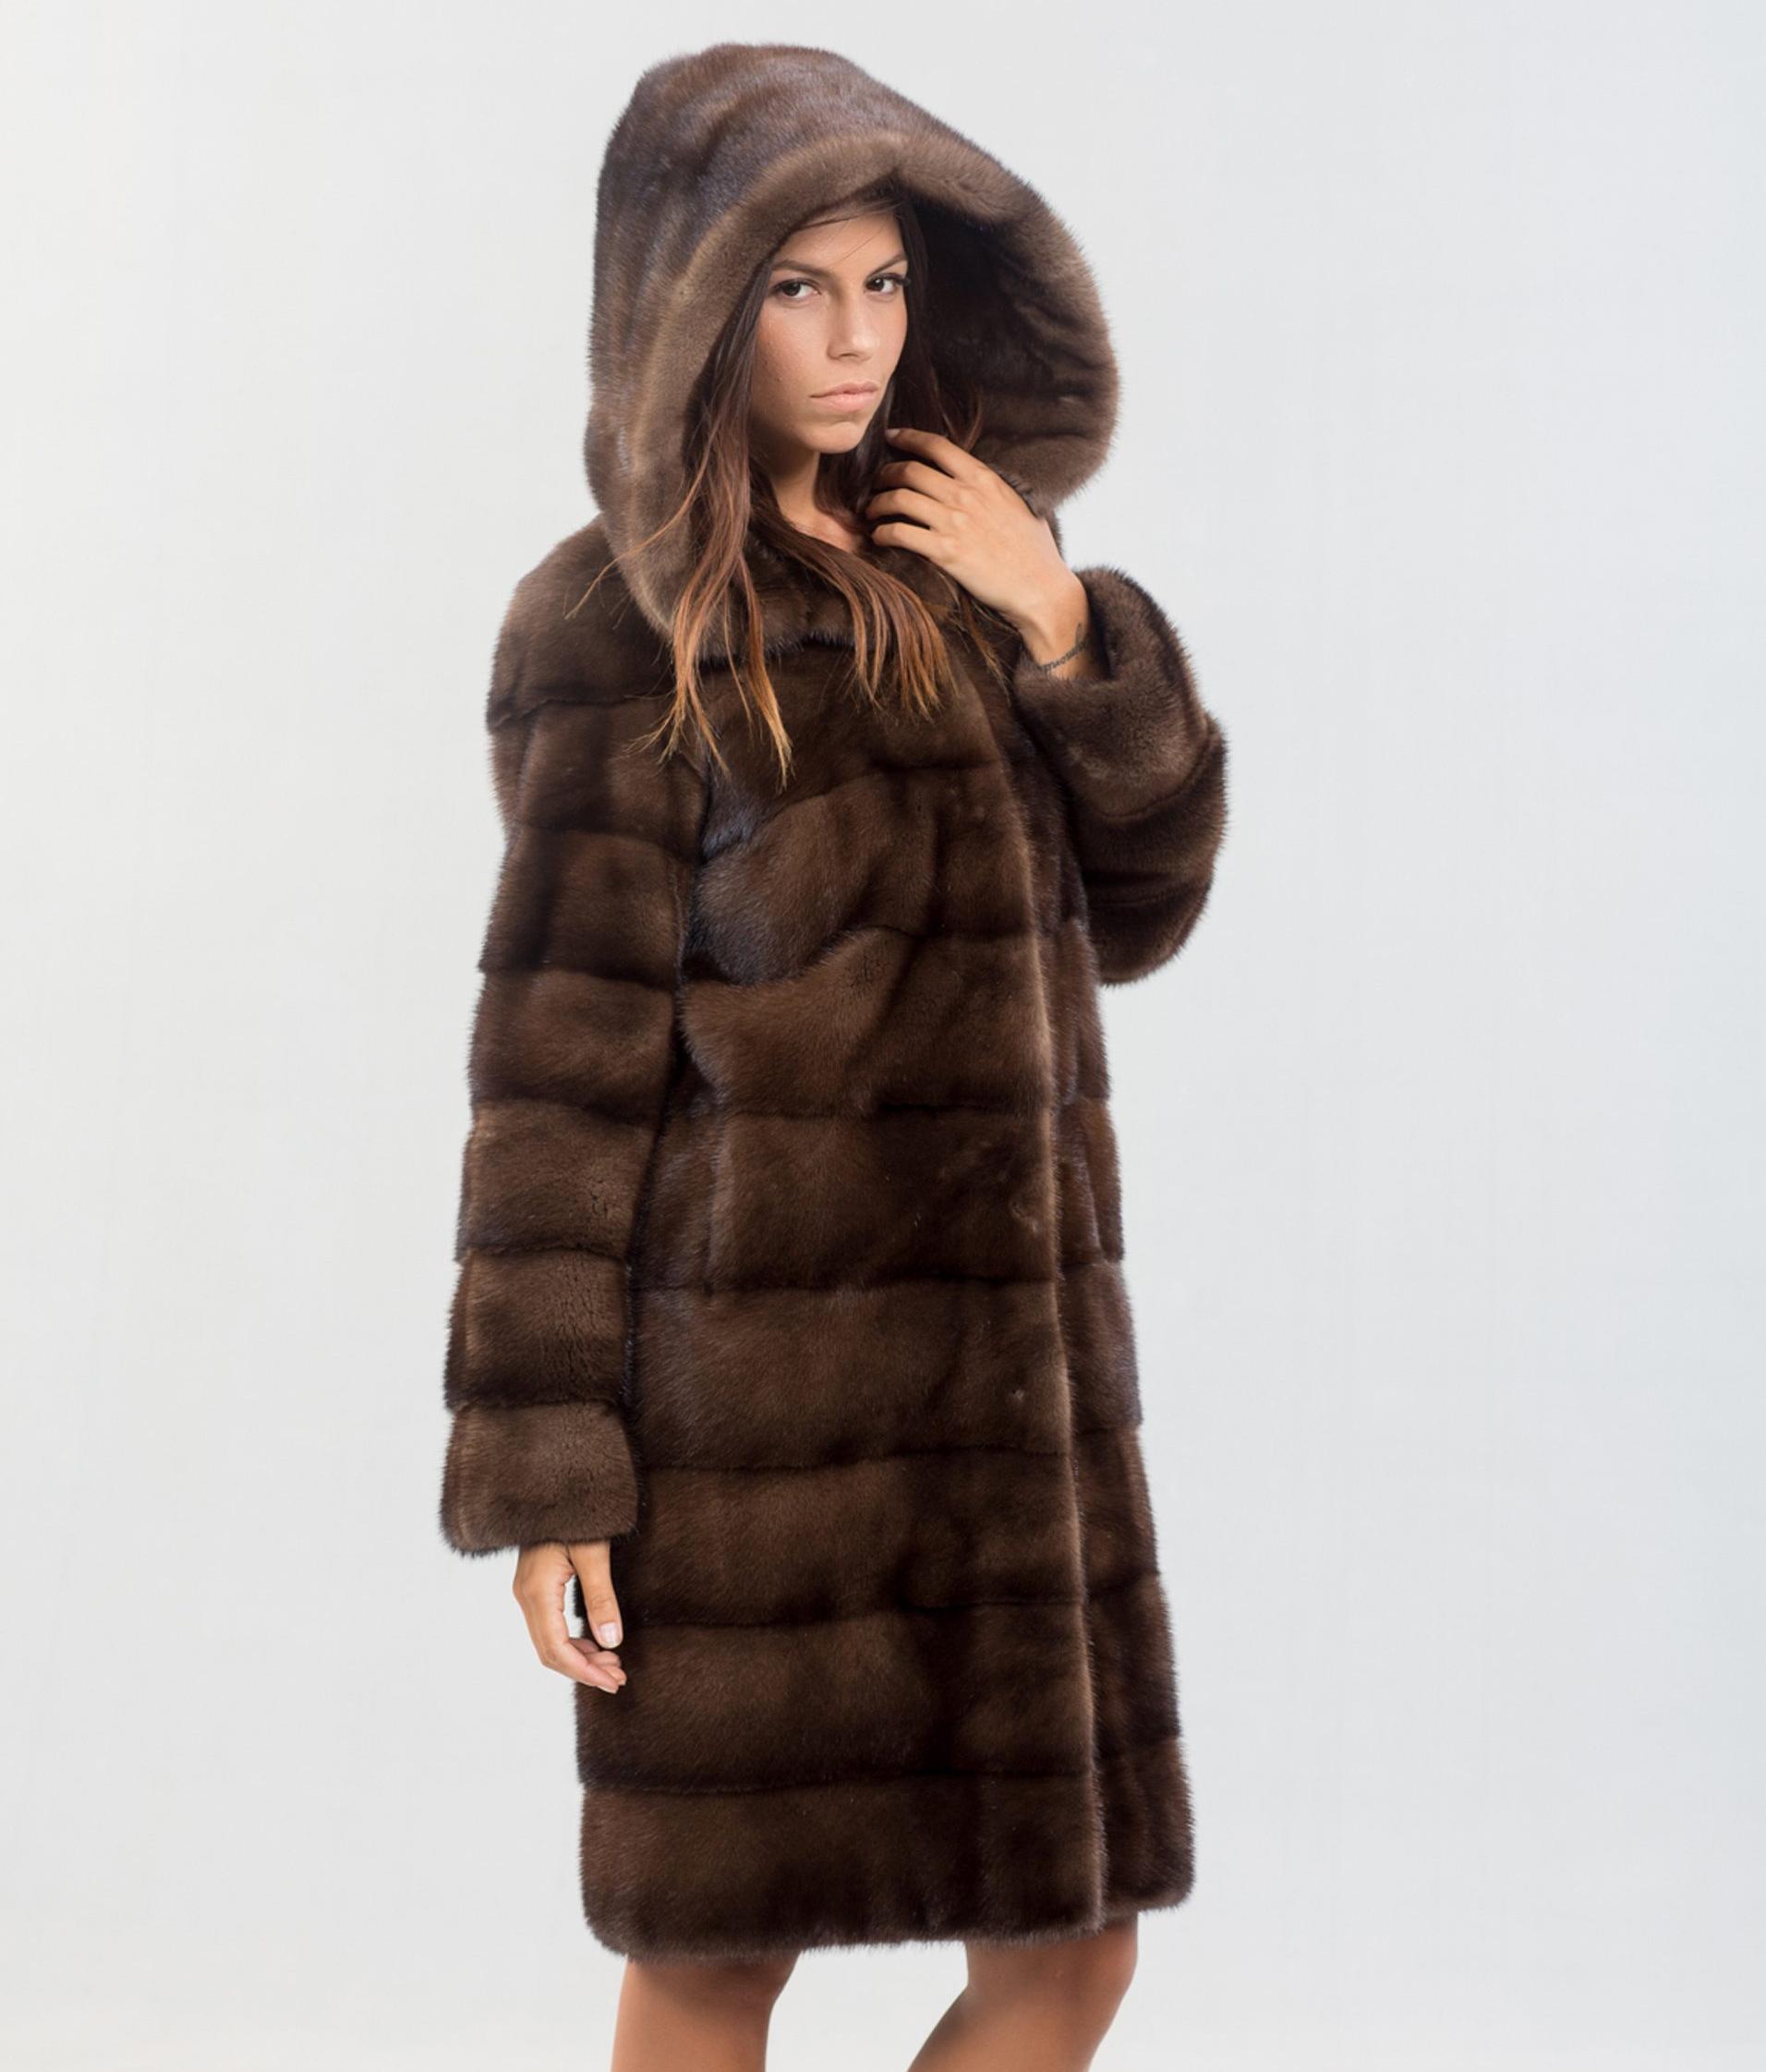 a9db5bfde319 Brown Mink Fur Coat With Hood - 100% Real Fur Coats - Haute Acorn